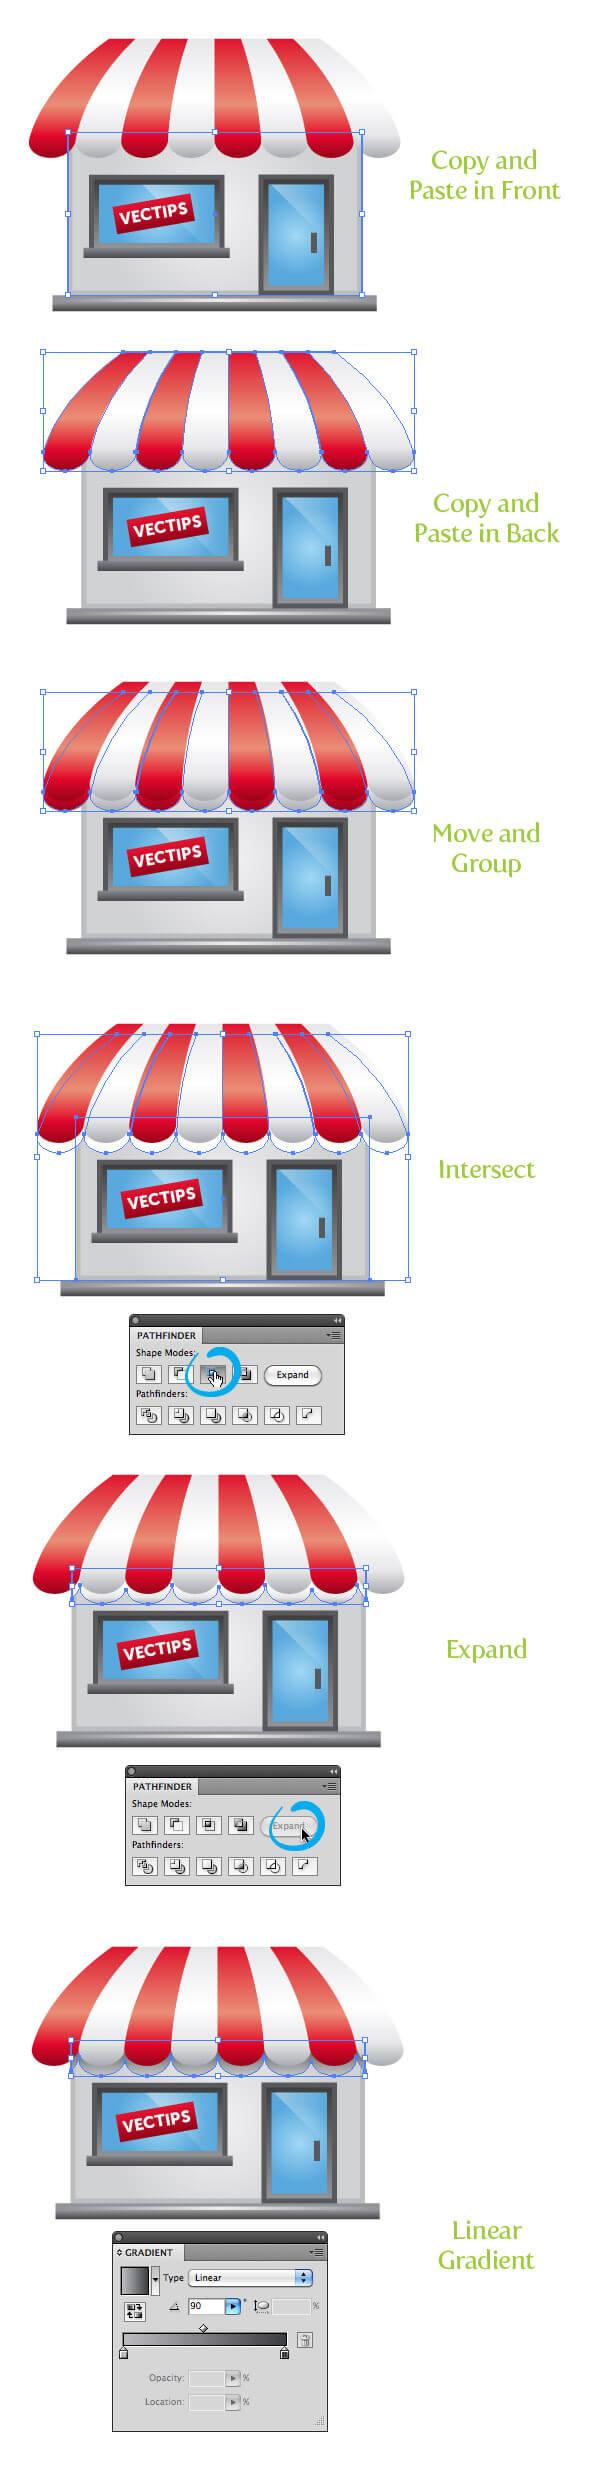 Tutorial-Membuat-Ikon-Online-Shop-di-Adobe-Illustrator-CC 20